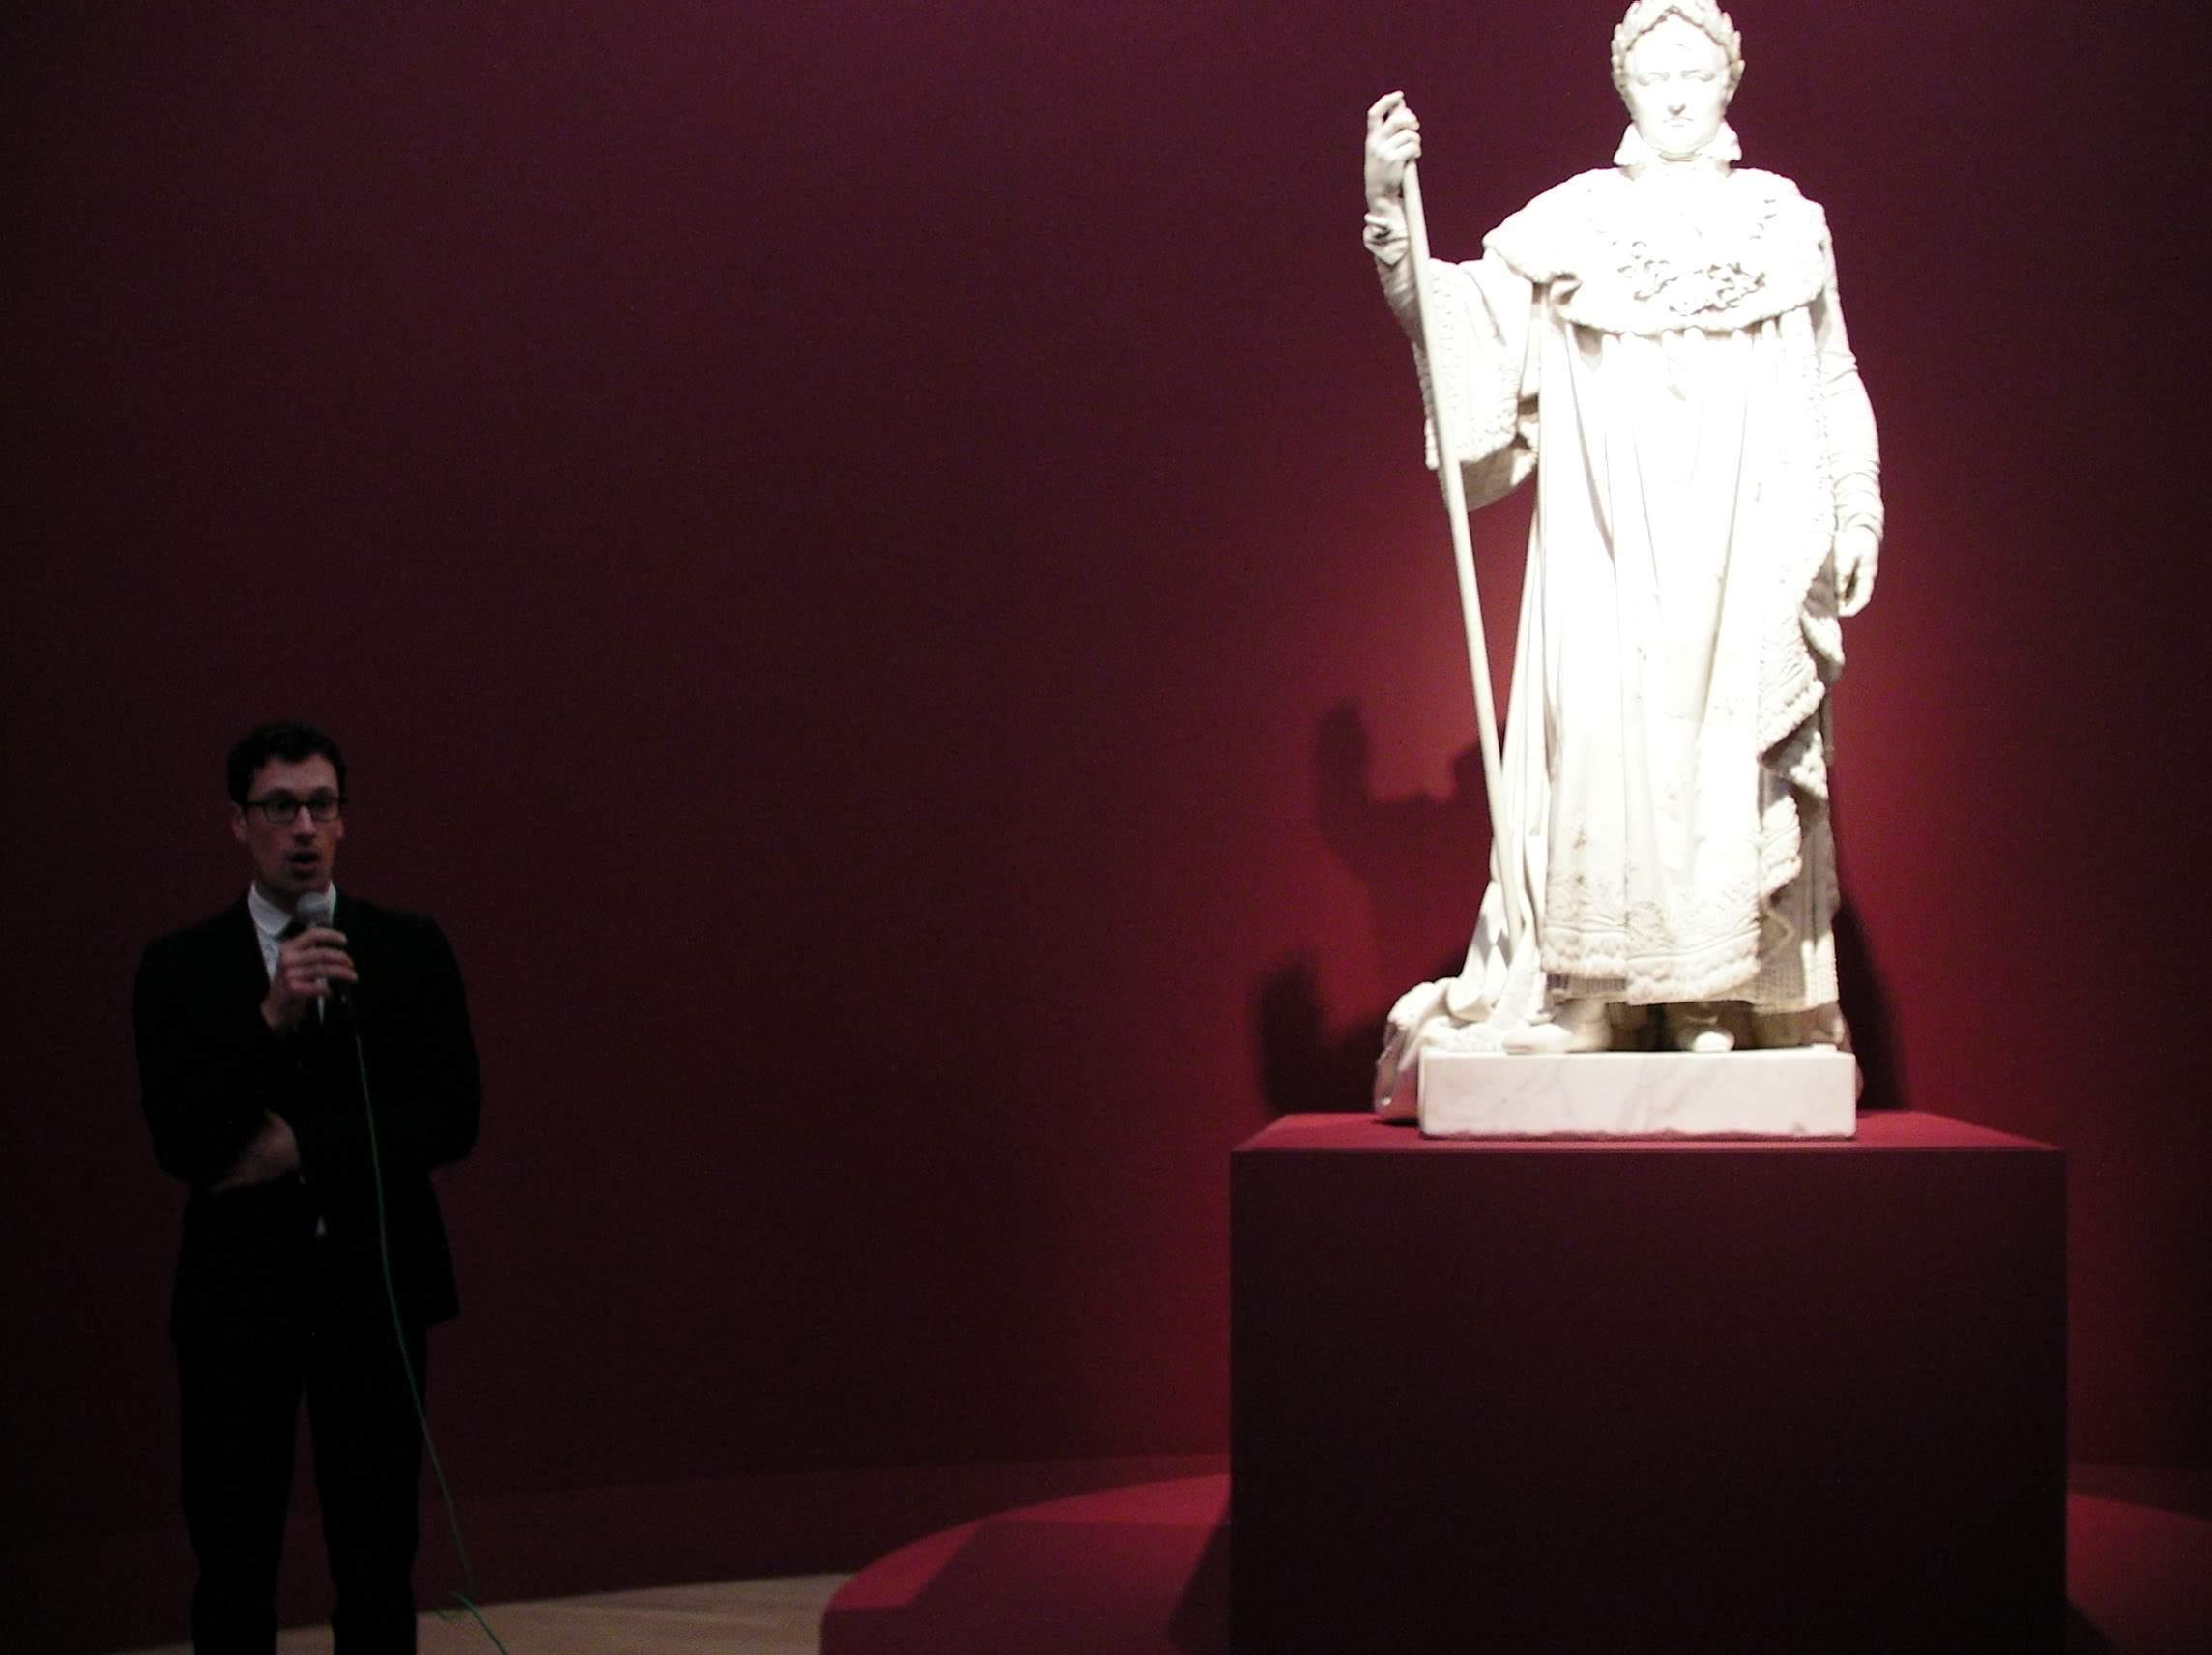 《戴冠式の正装のナポレオン1世》について解説するコーム・ファーブル(ルーヴル美術館絵画部門学芸員)